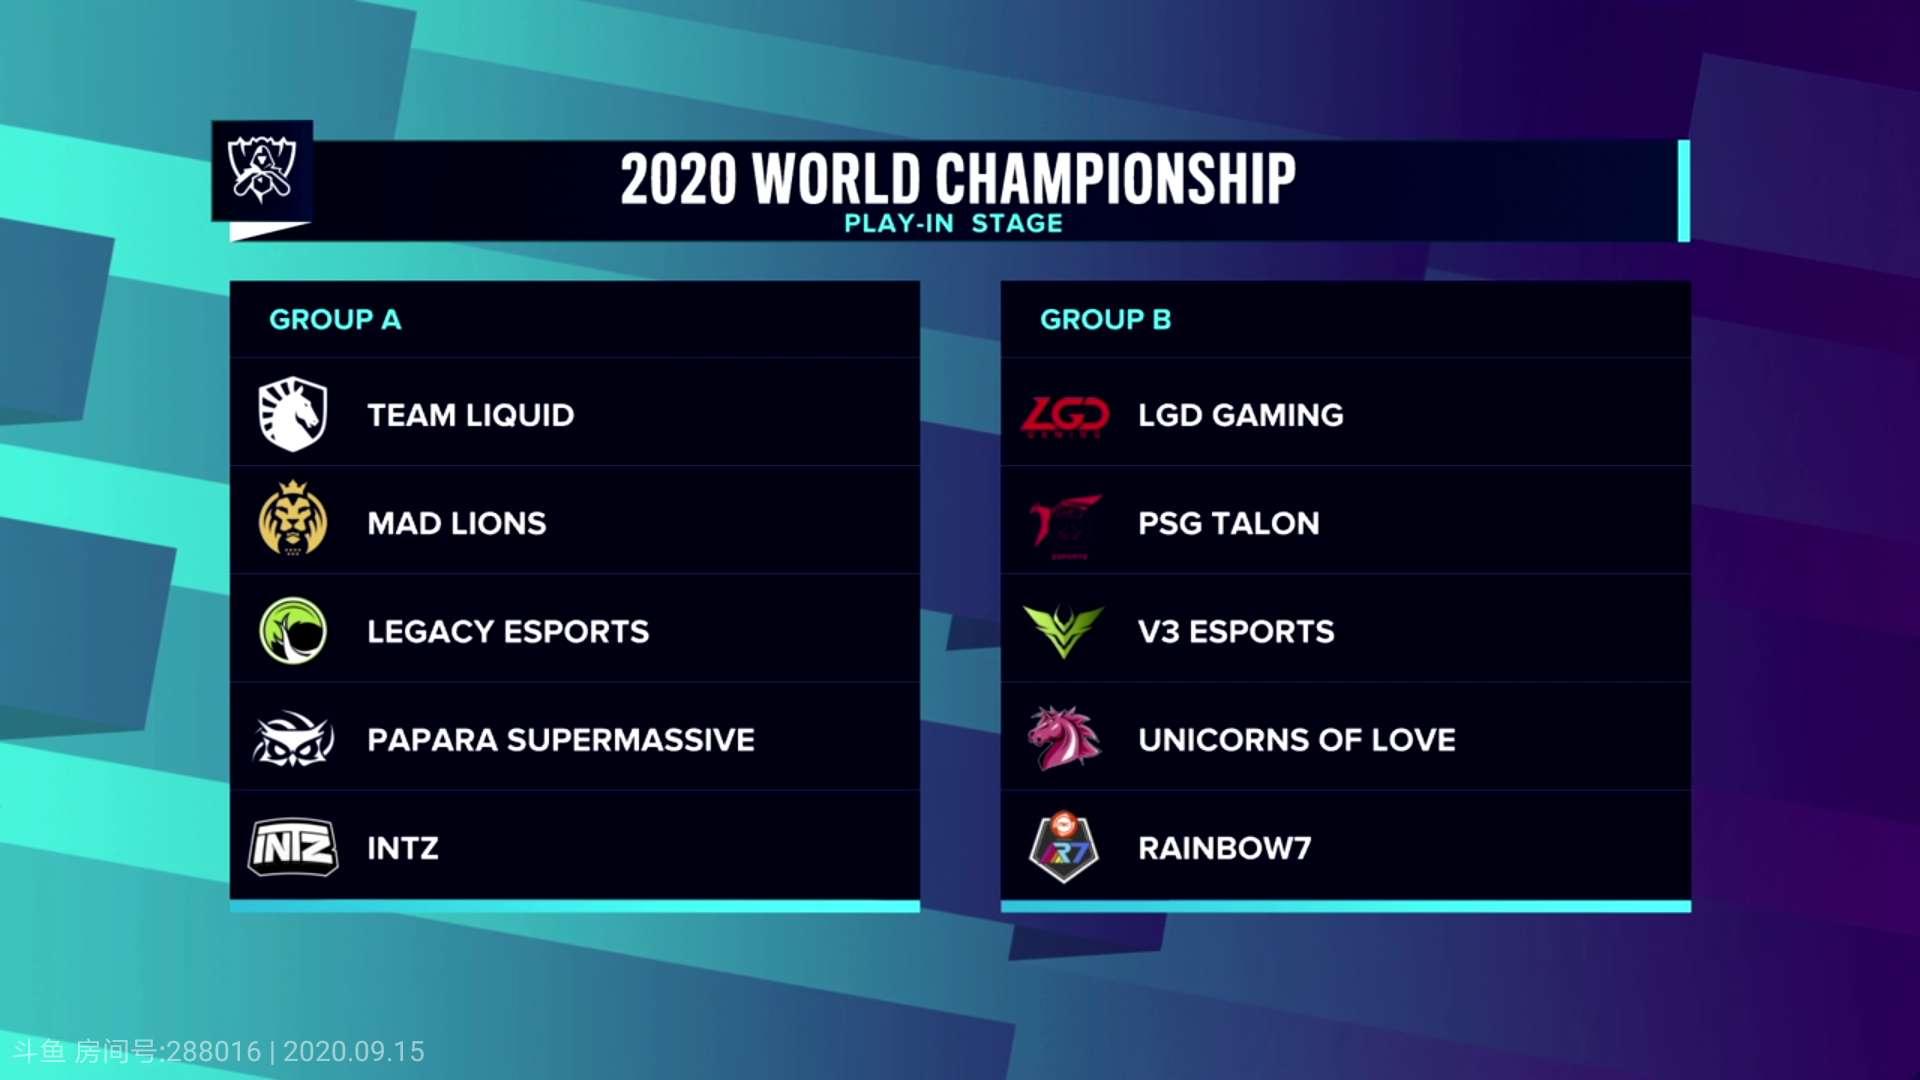 iphone4游戏_详细:我们对S10全球总决赛抽签分组的情况是不是太过于乐观?